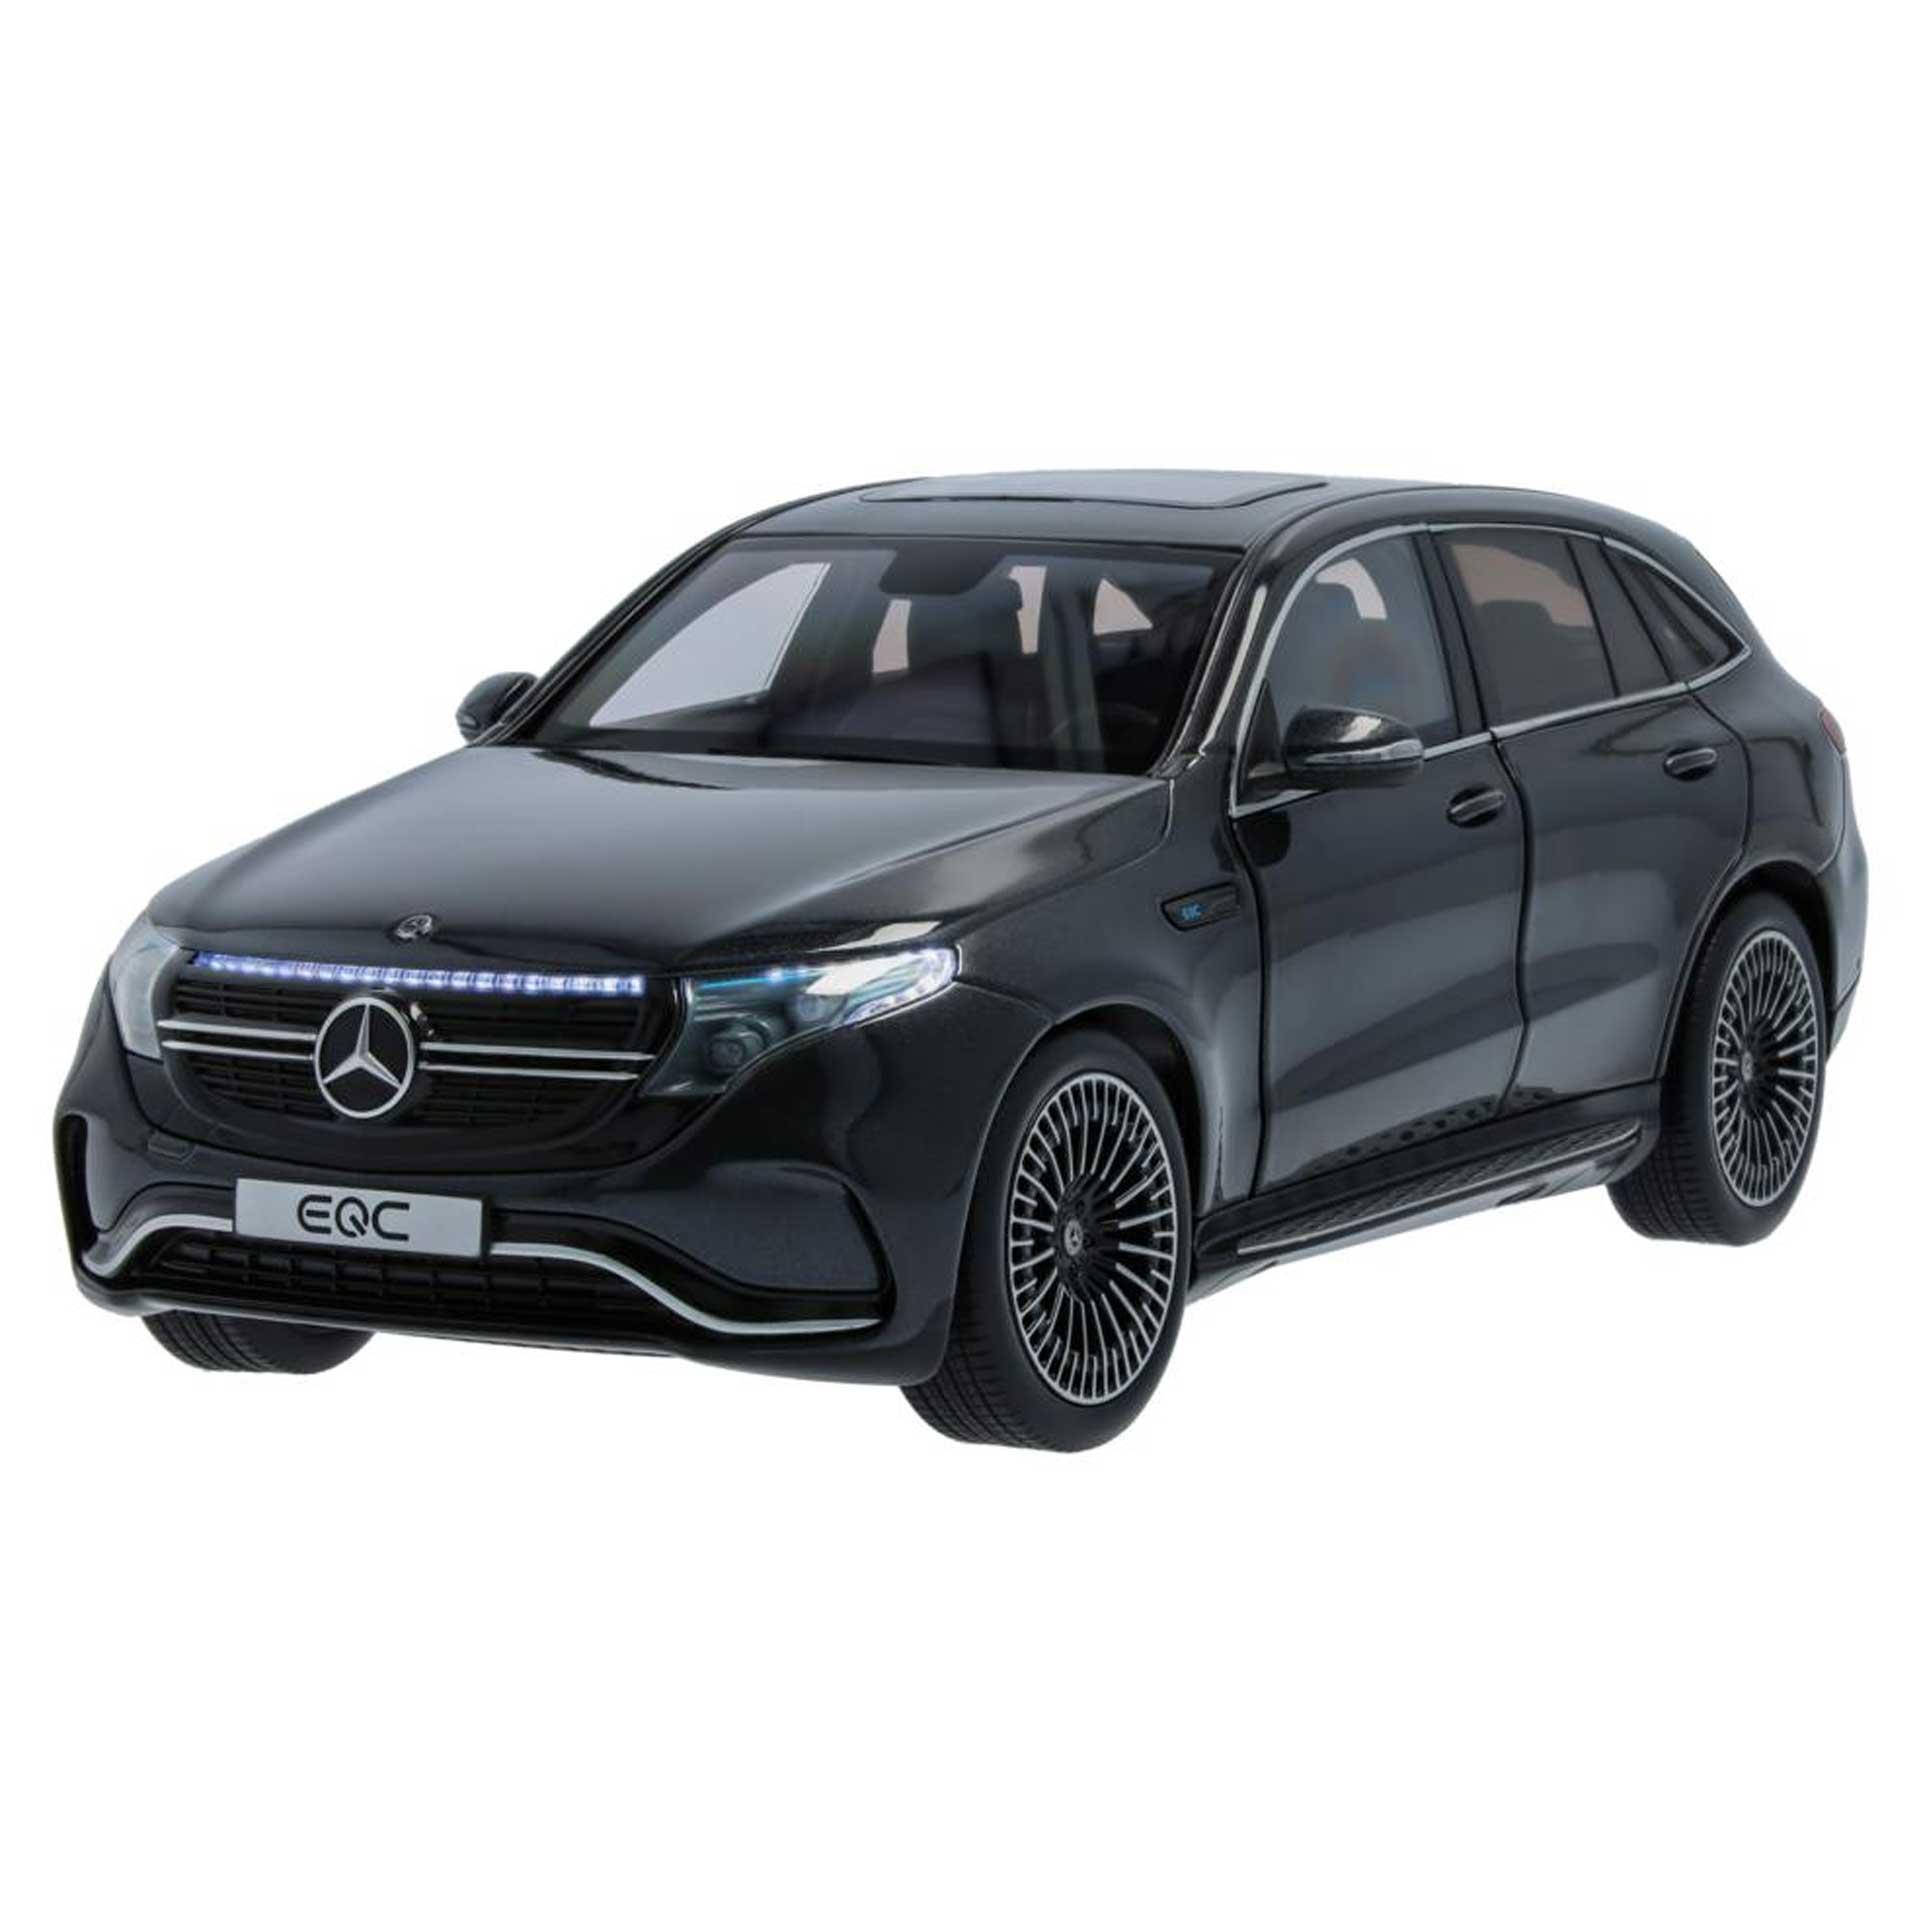 Mercedes-Benz Modellauto EQC mit Beleuchtung N293 1:18 graphitgrau